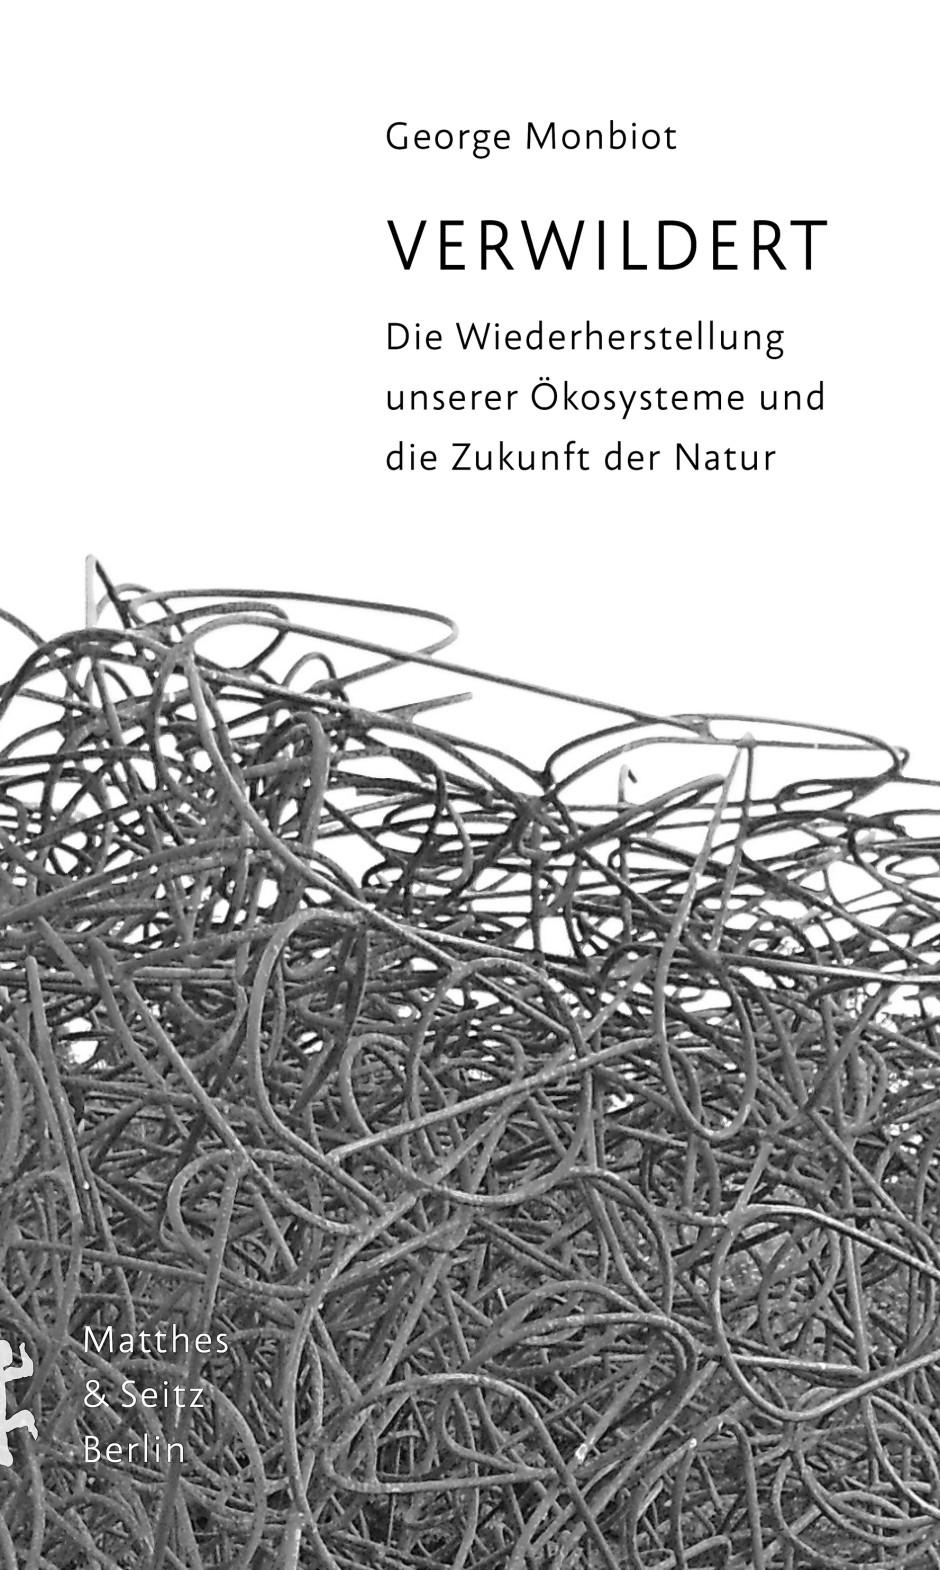 """George Monbiot: """"Verwildert"""". Die Wiederherstellung unserer Ökosysteme und die Zukunft der Natur."""